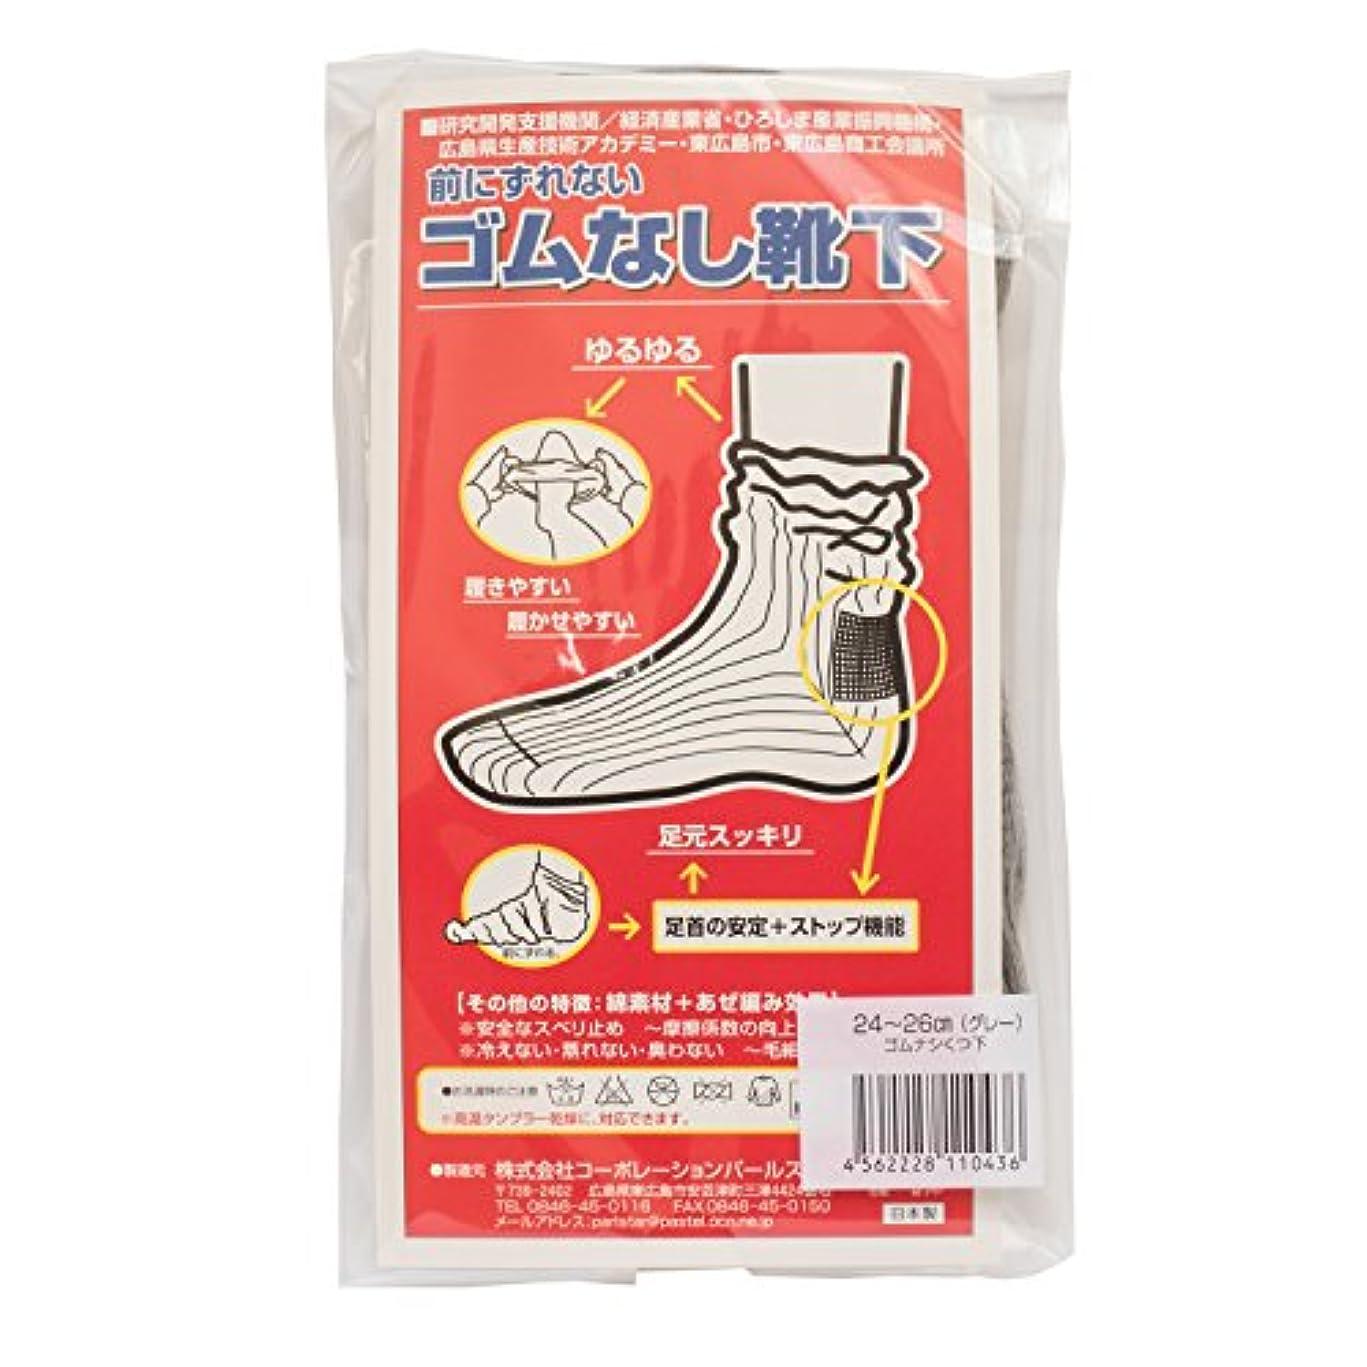 セラフ苦悩特性コーポレーションパールスター 前にずれない ゴムなし靴下 グレー 24~26cm